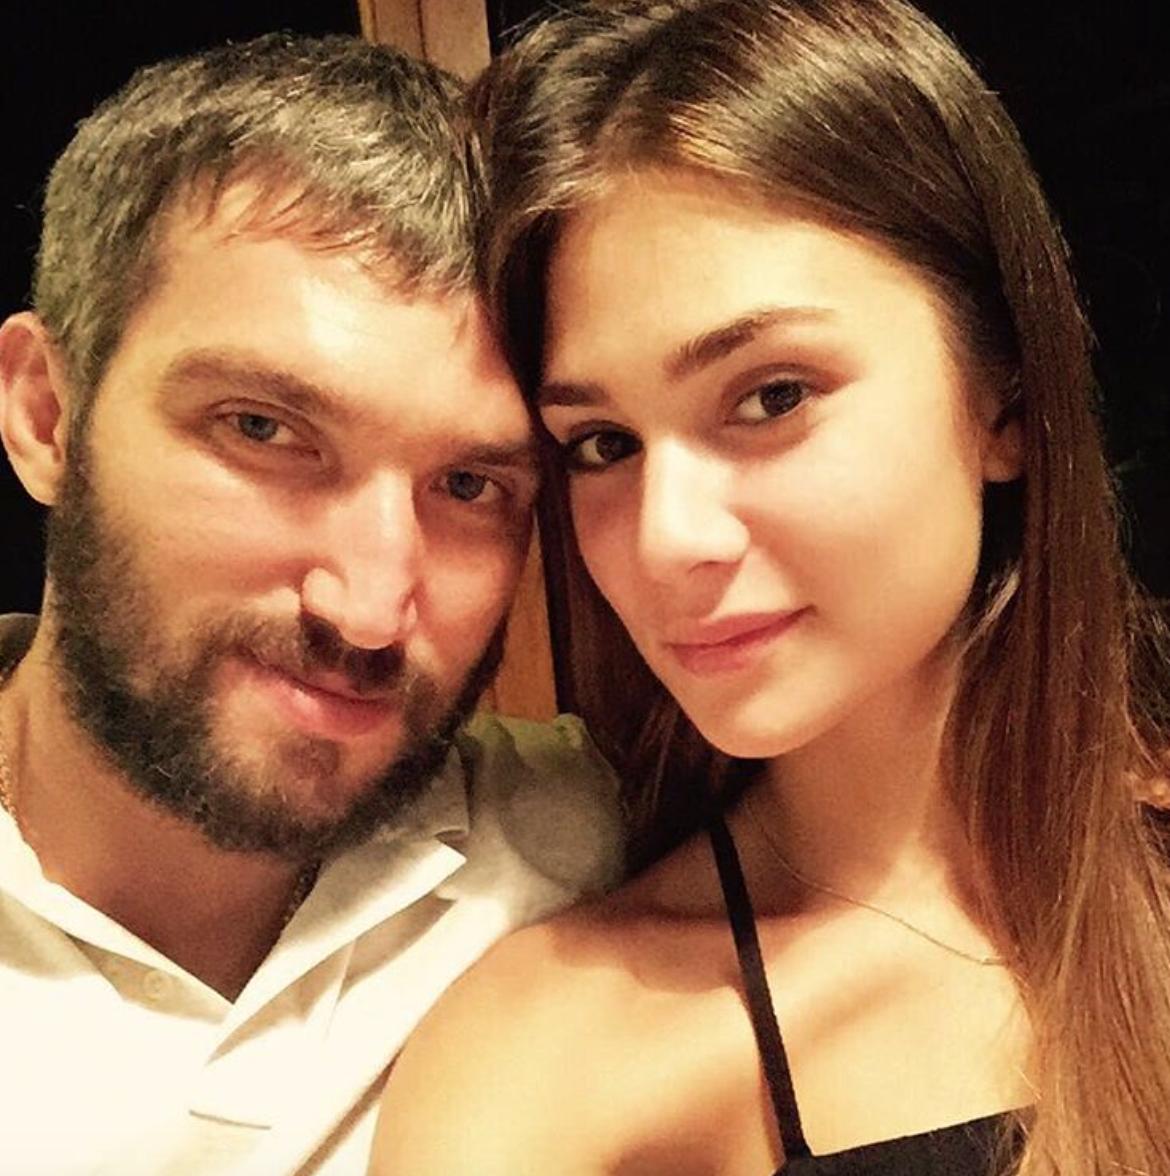 Анастасия Шубская иАлександр Овечкин впервый раз станут родителями